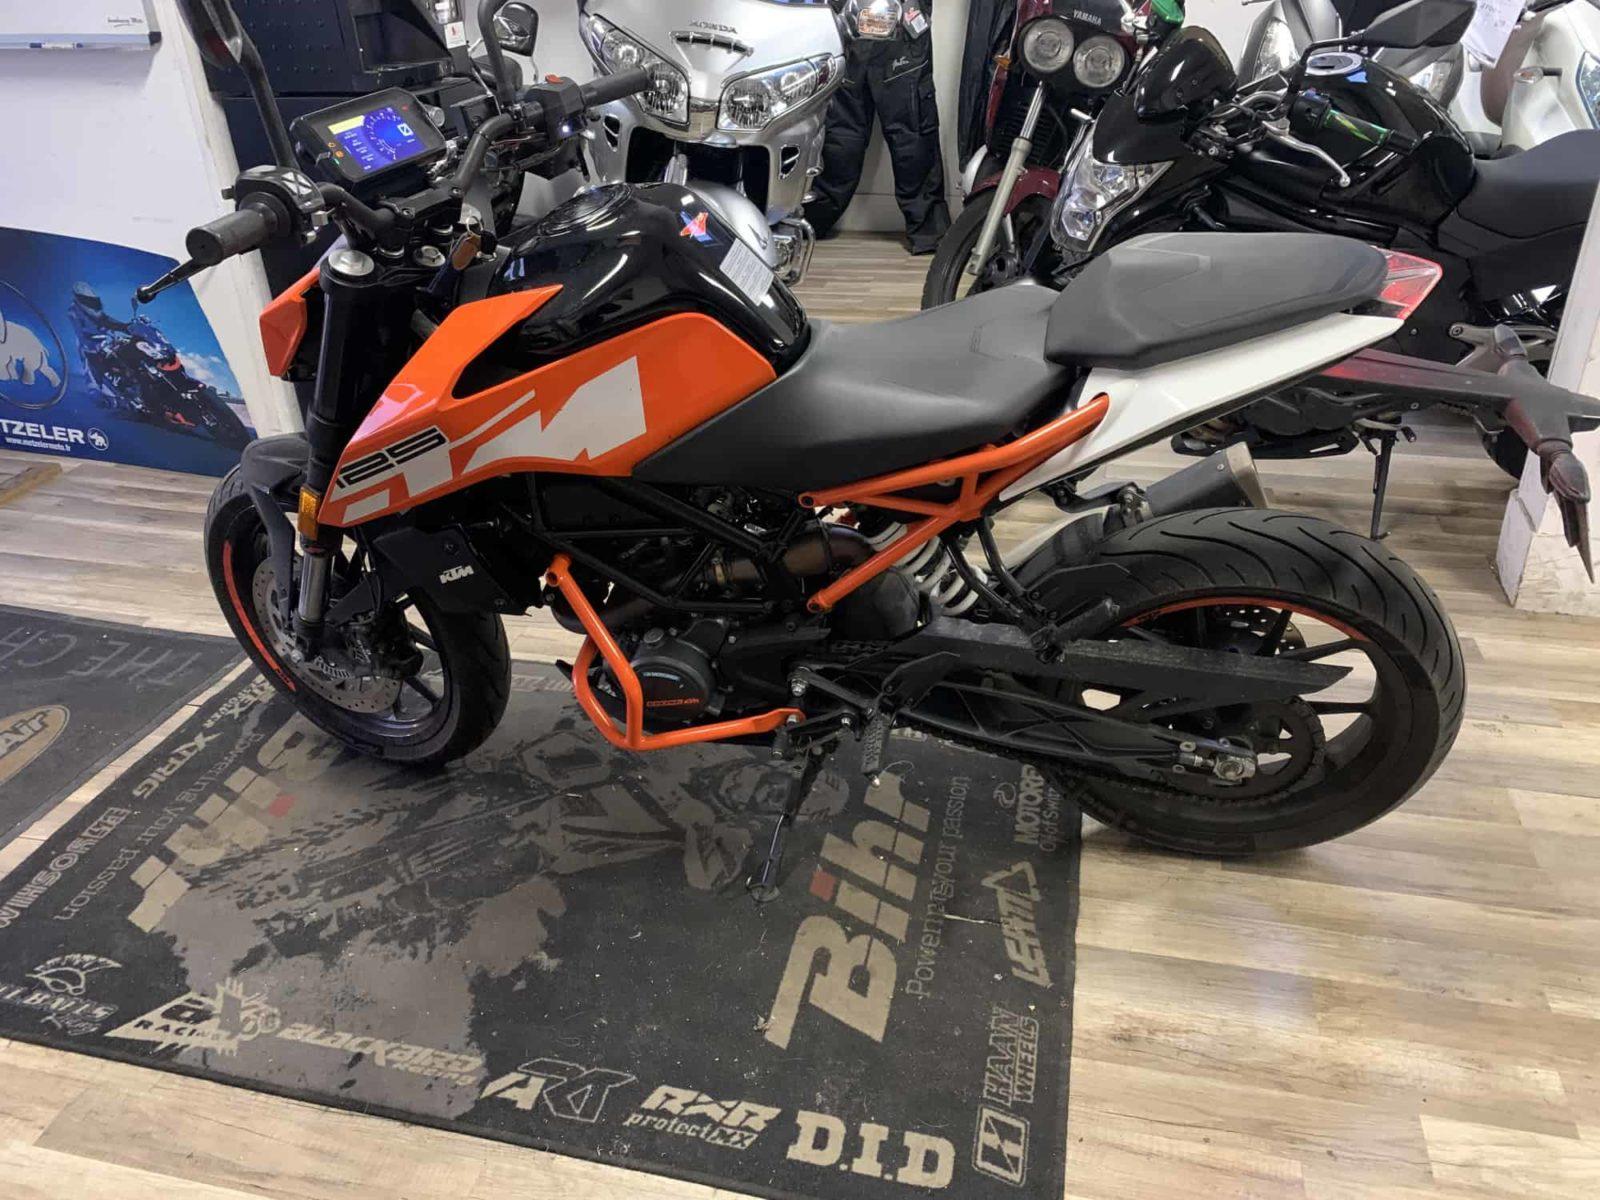 Vendu ! KTM 125 Duke – 3800€